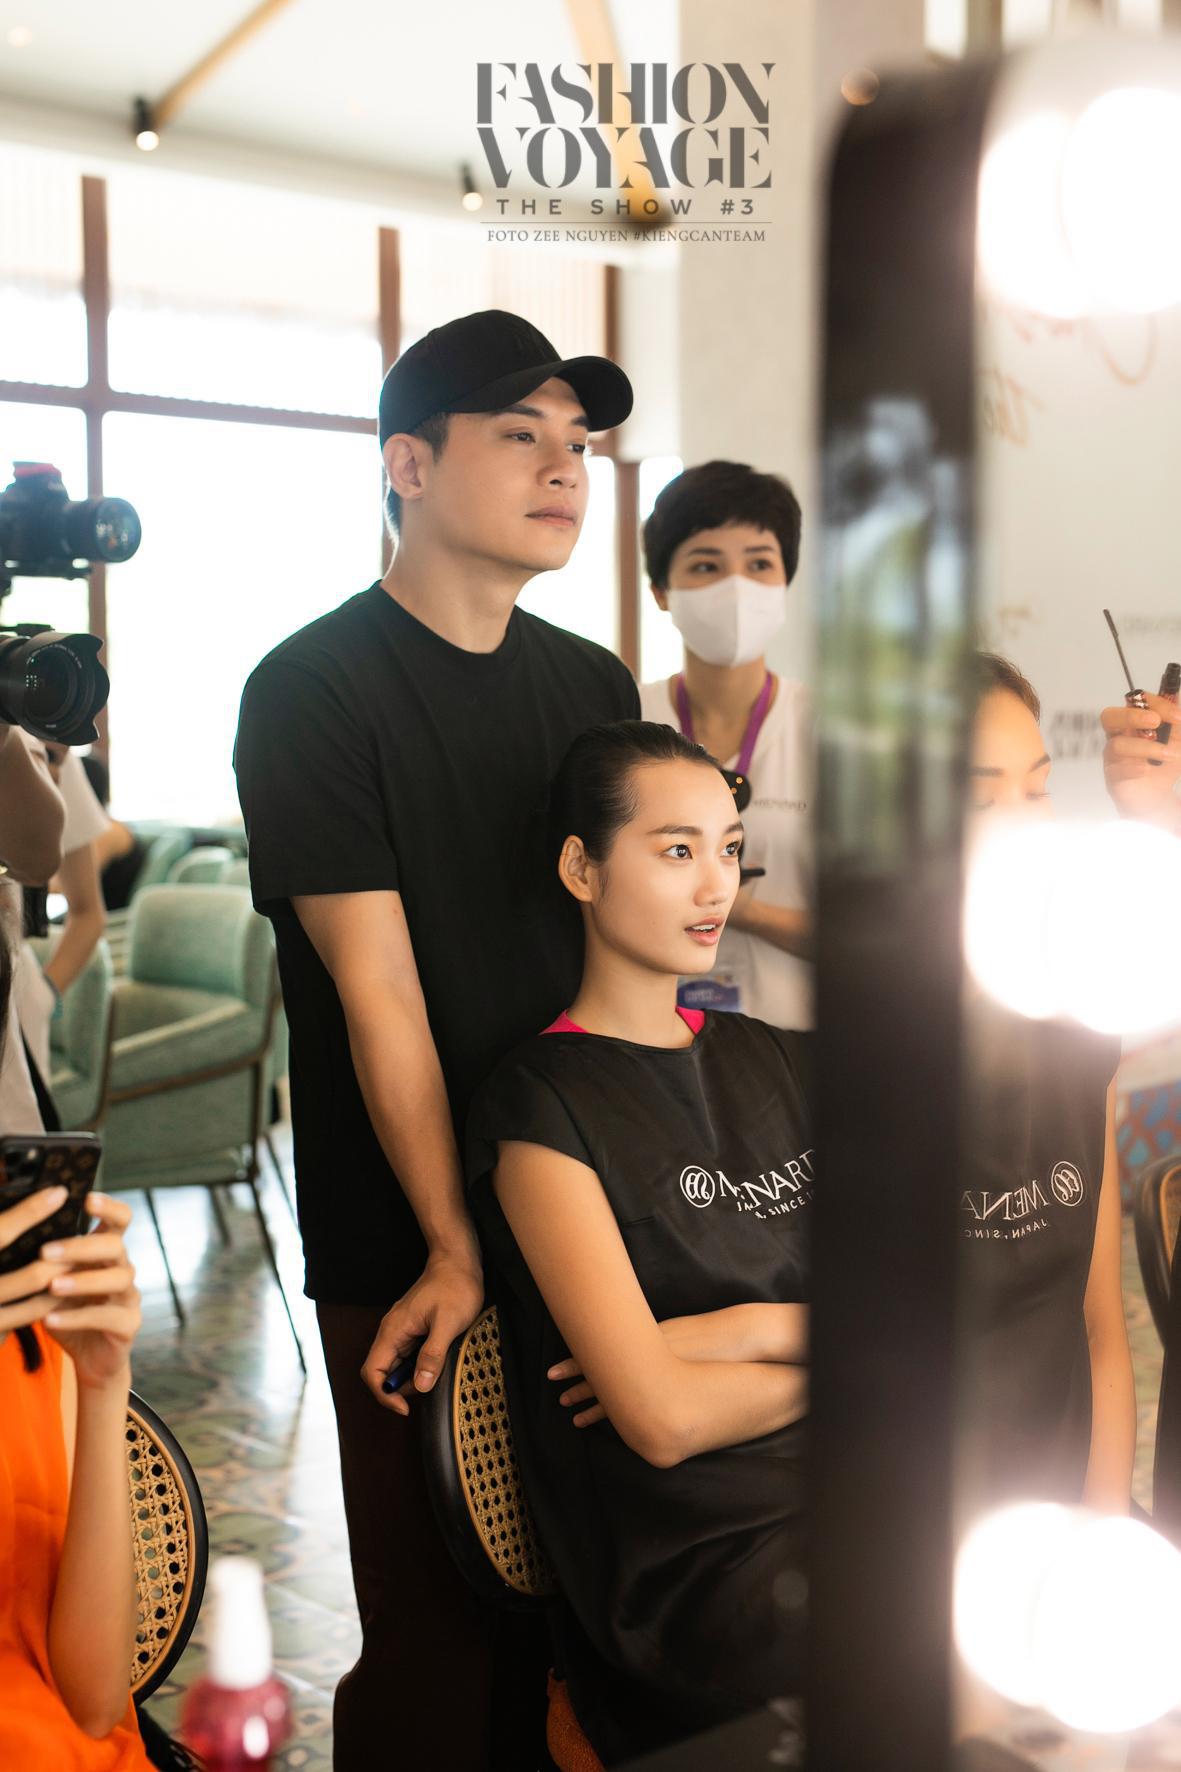 Nhật ký chăm sóc da của người mẫu Fashion Voyage - Ảnh 1.